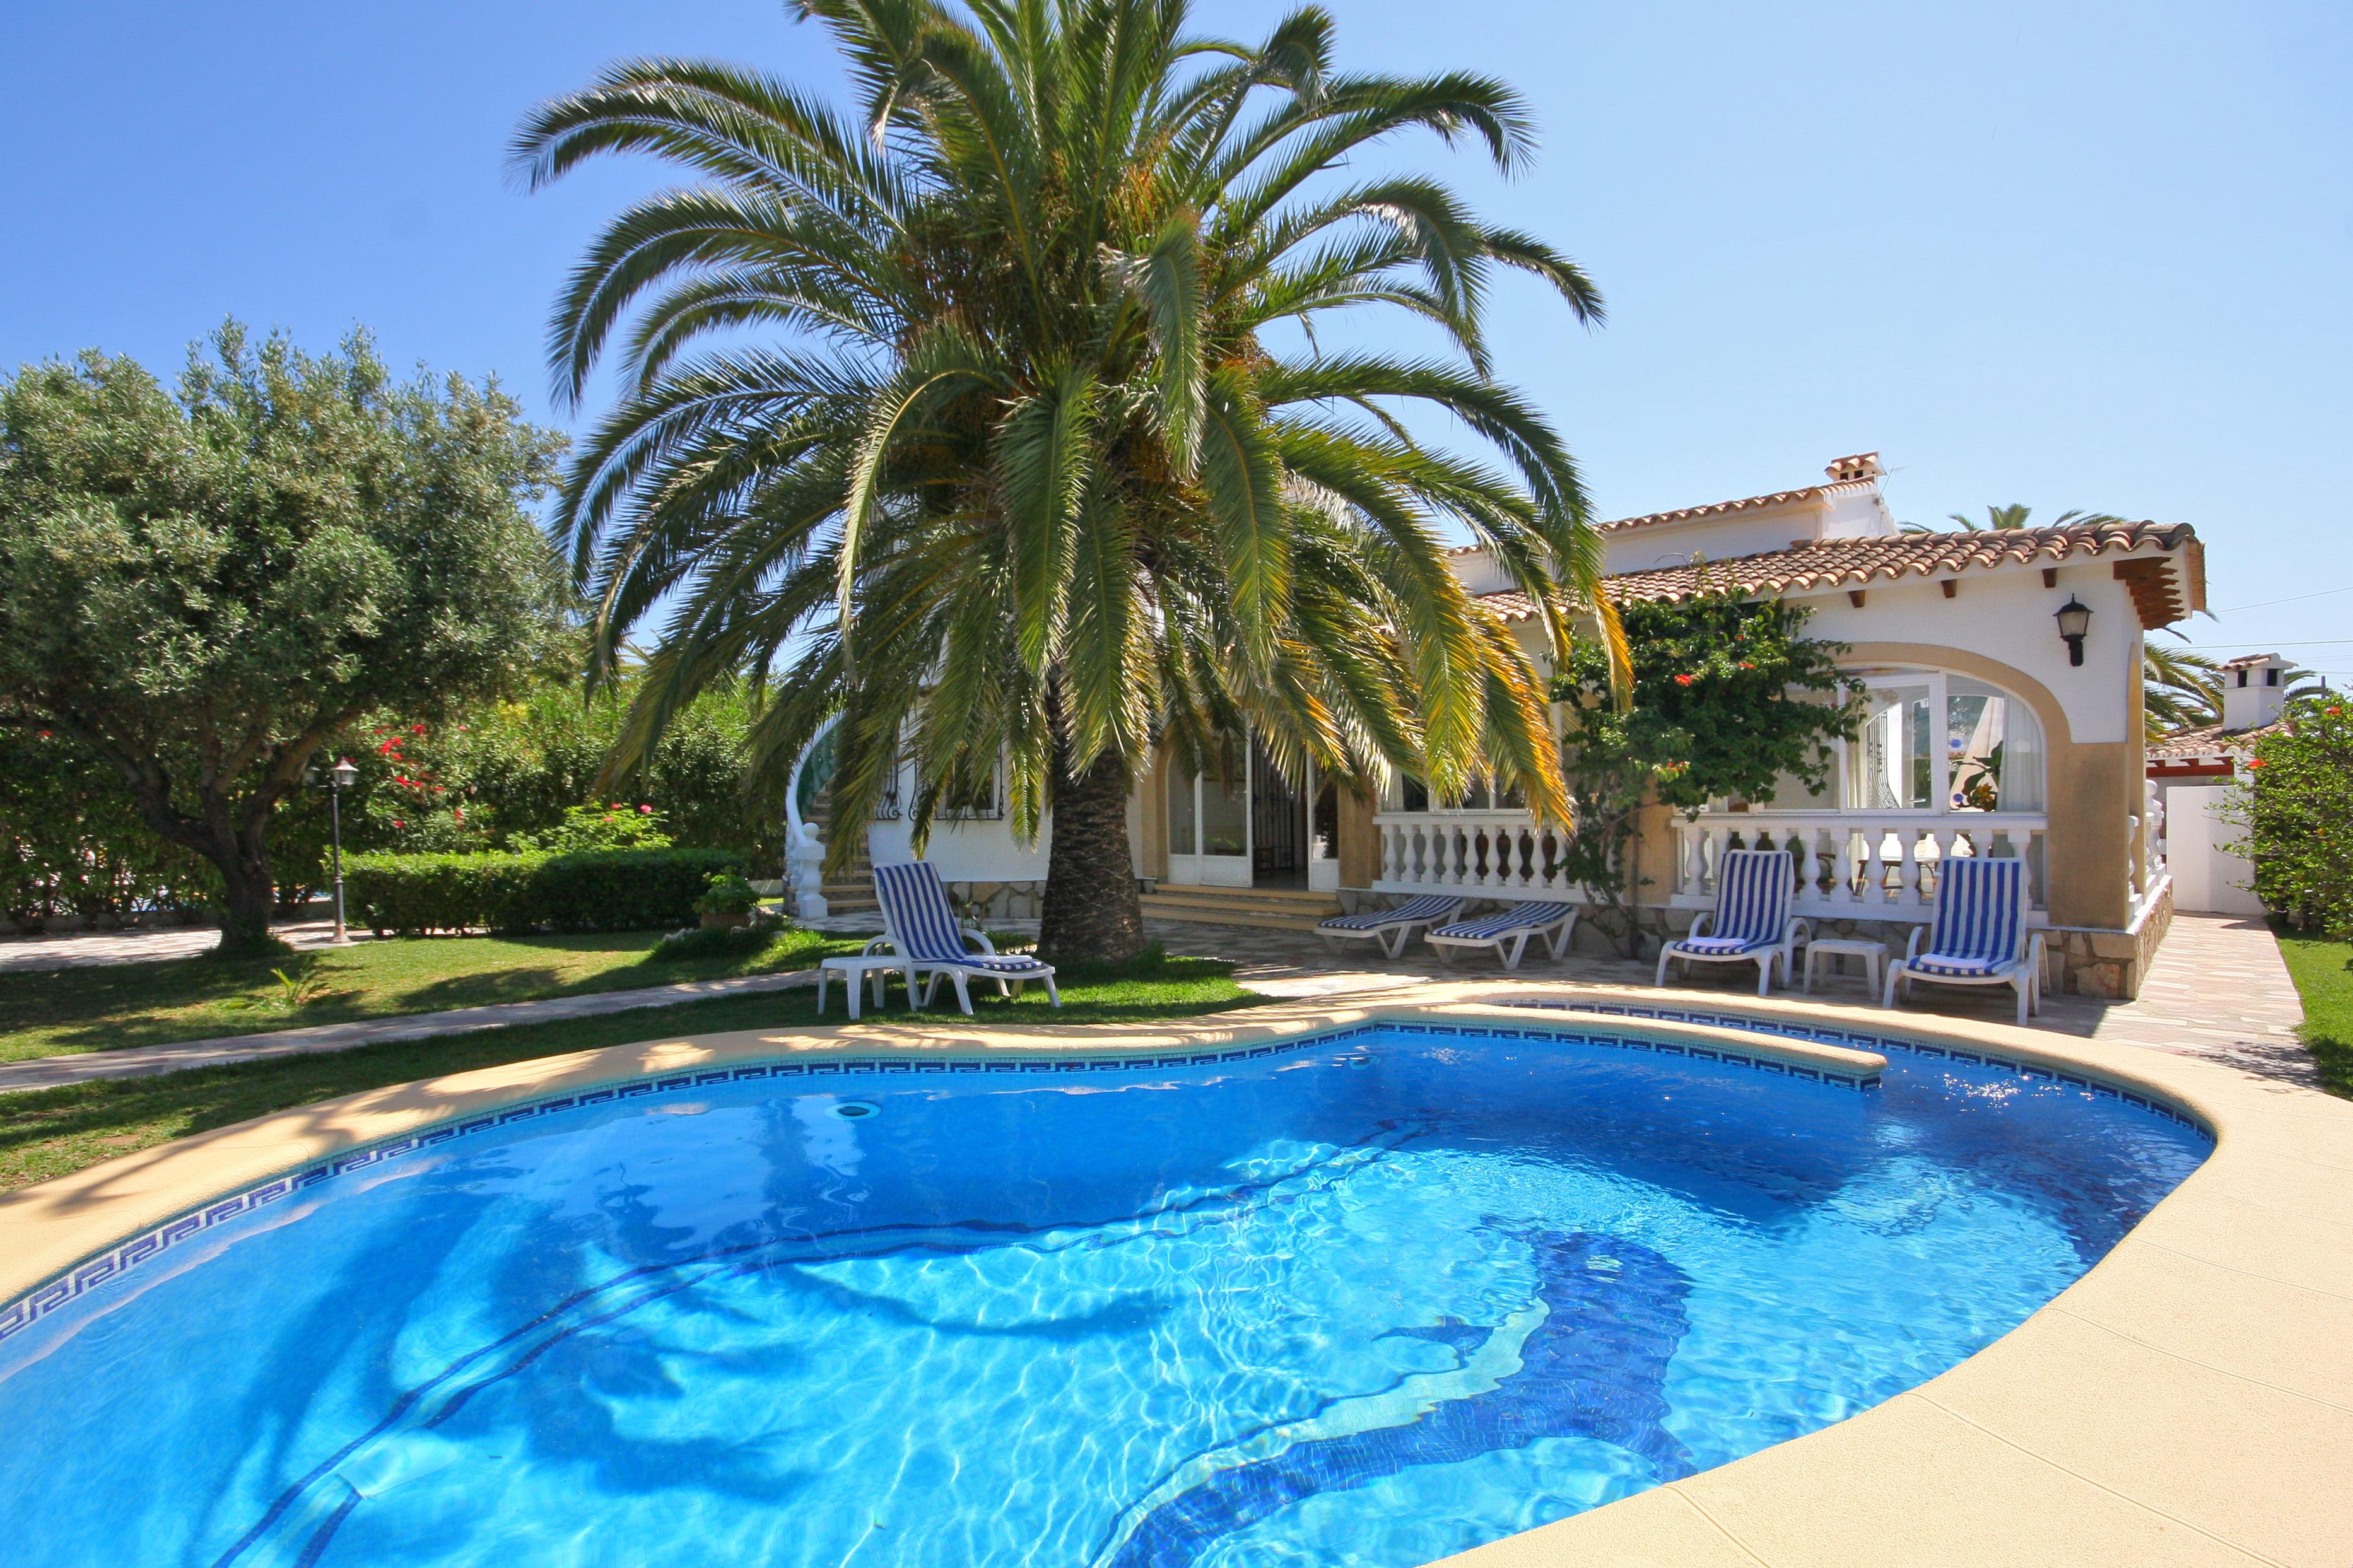 Casas con piscina privada en la costa blanca d for Casa de campo con piscina privada